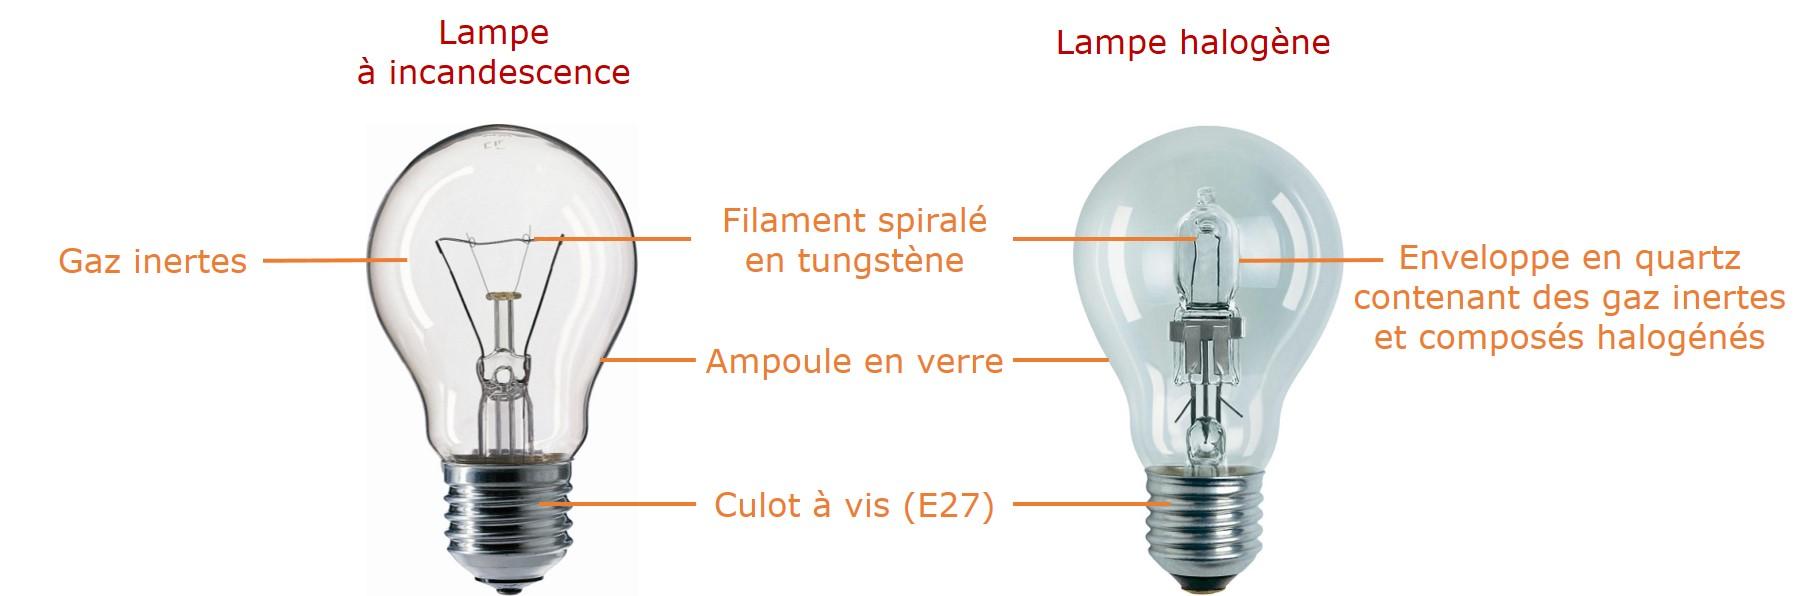 lampe incandescence quel gaz pour le filament en. Black Bedroom Furniture Sets. Home Design Ideas